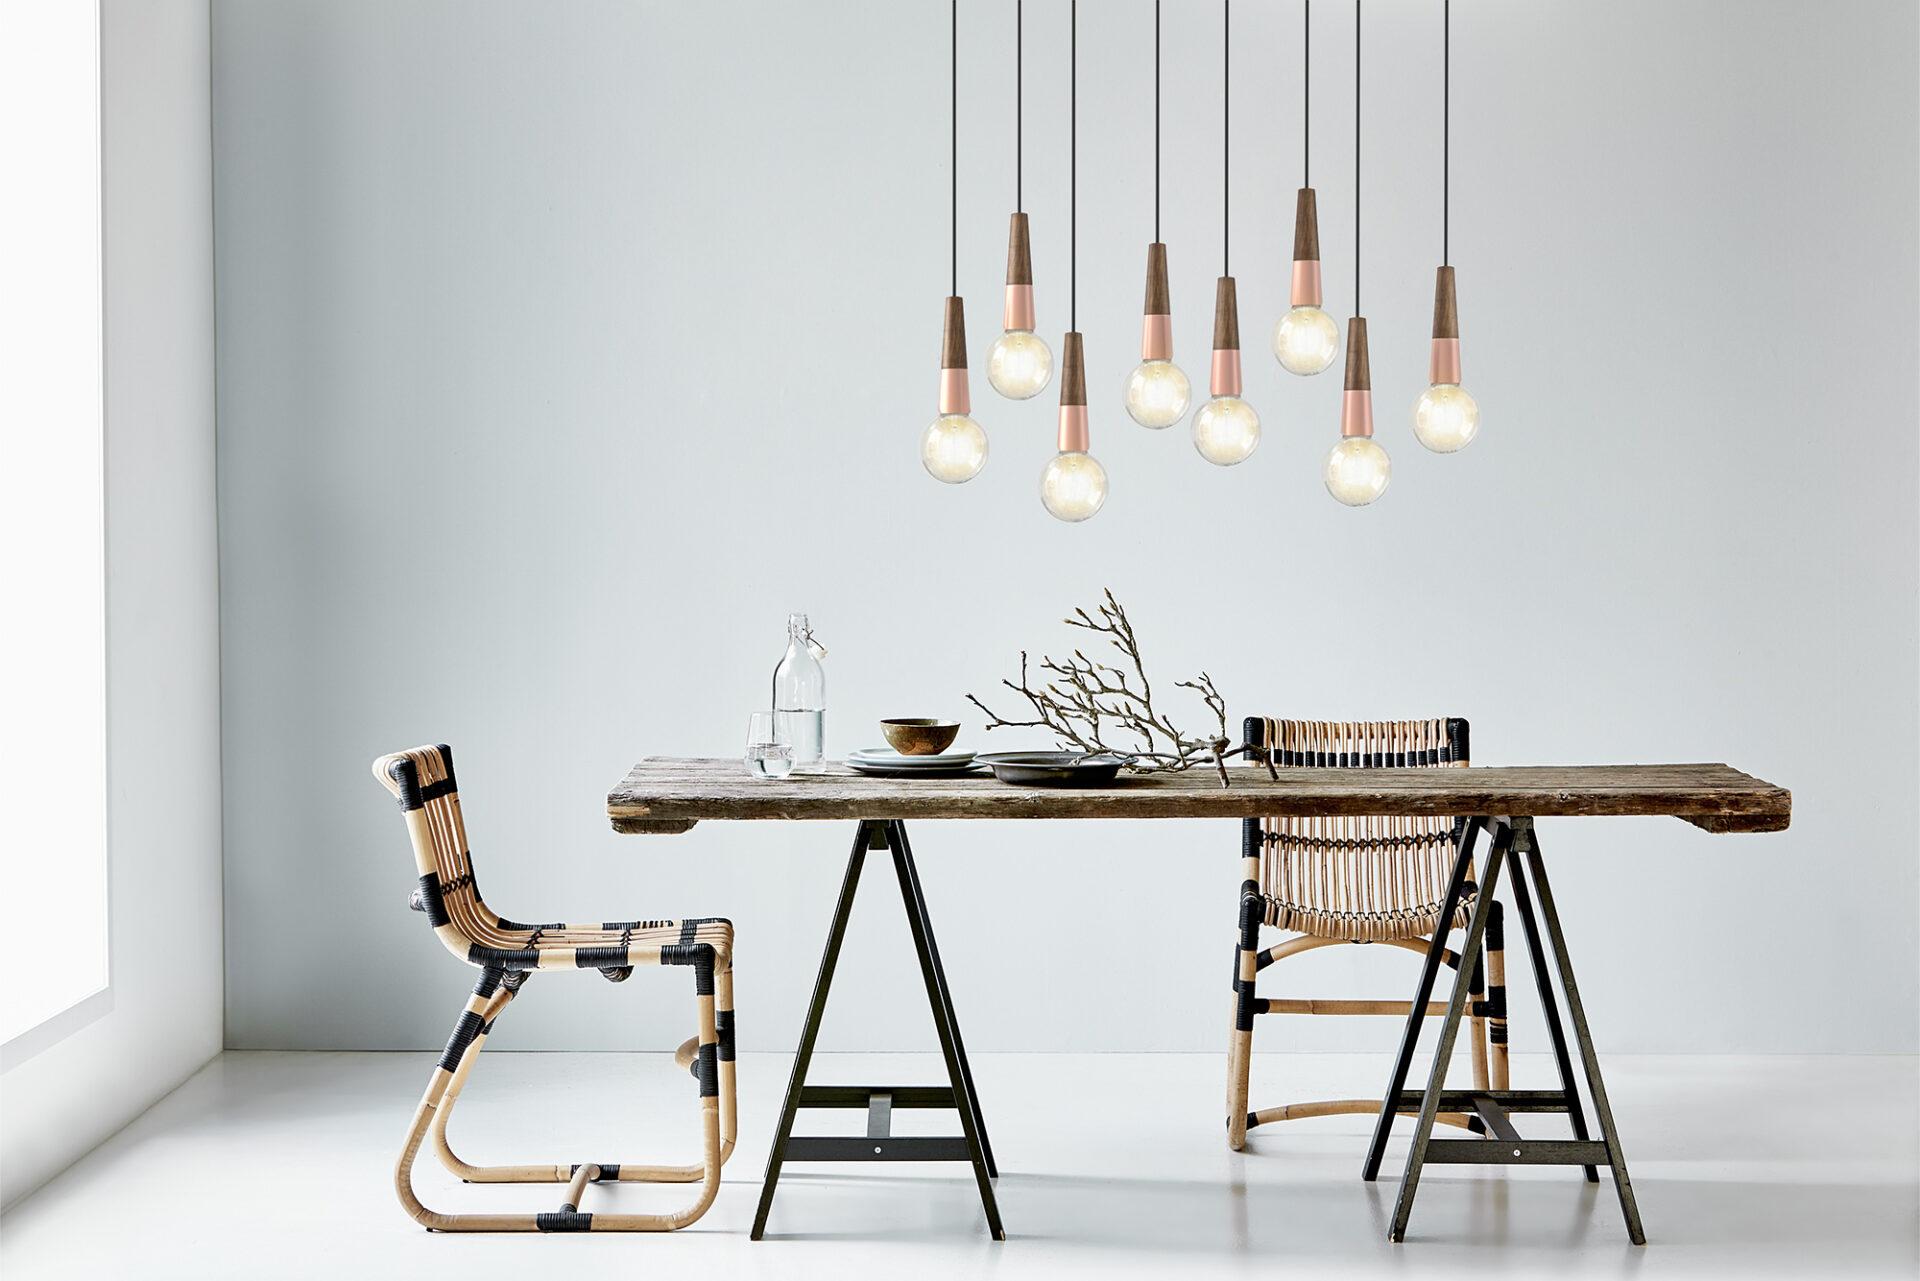 Leuchten über einem Esstisch. Foto: click-licht.de